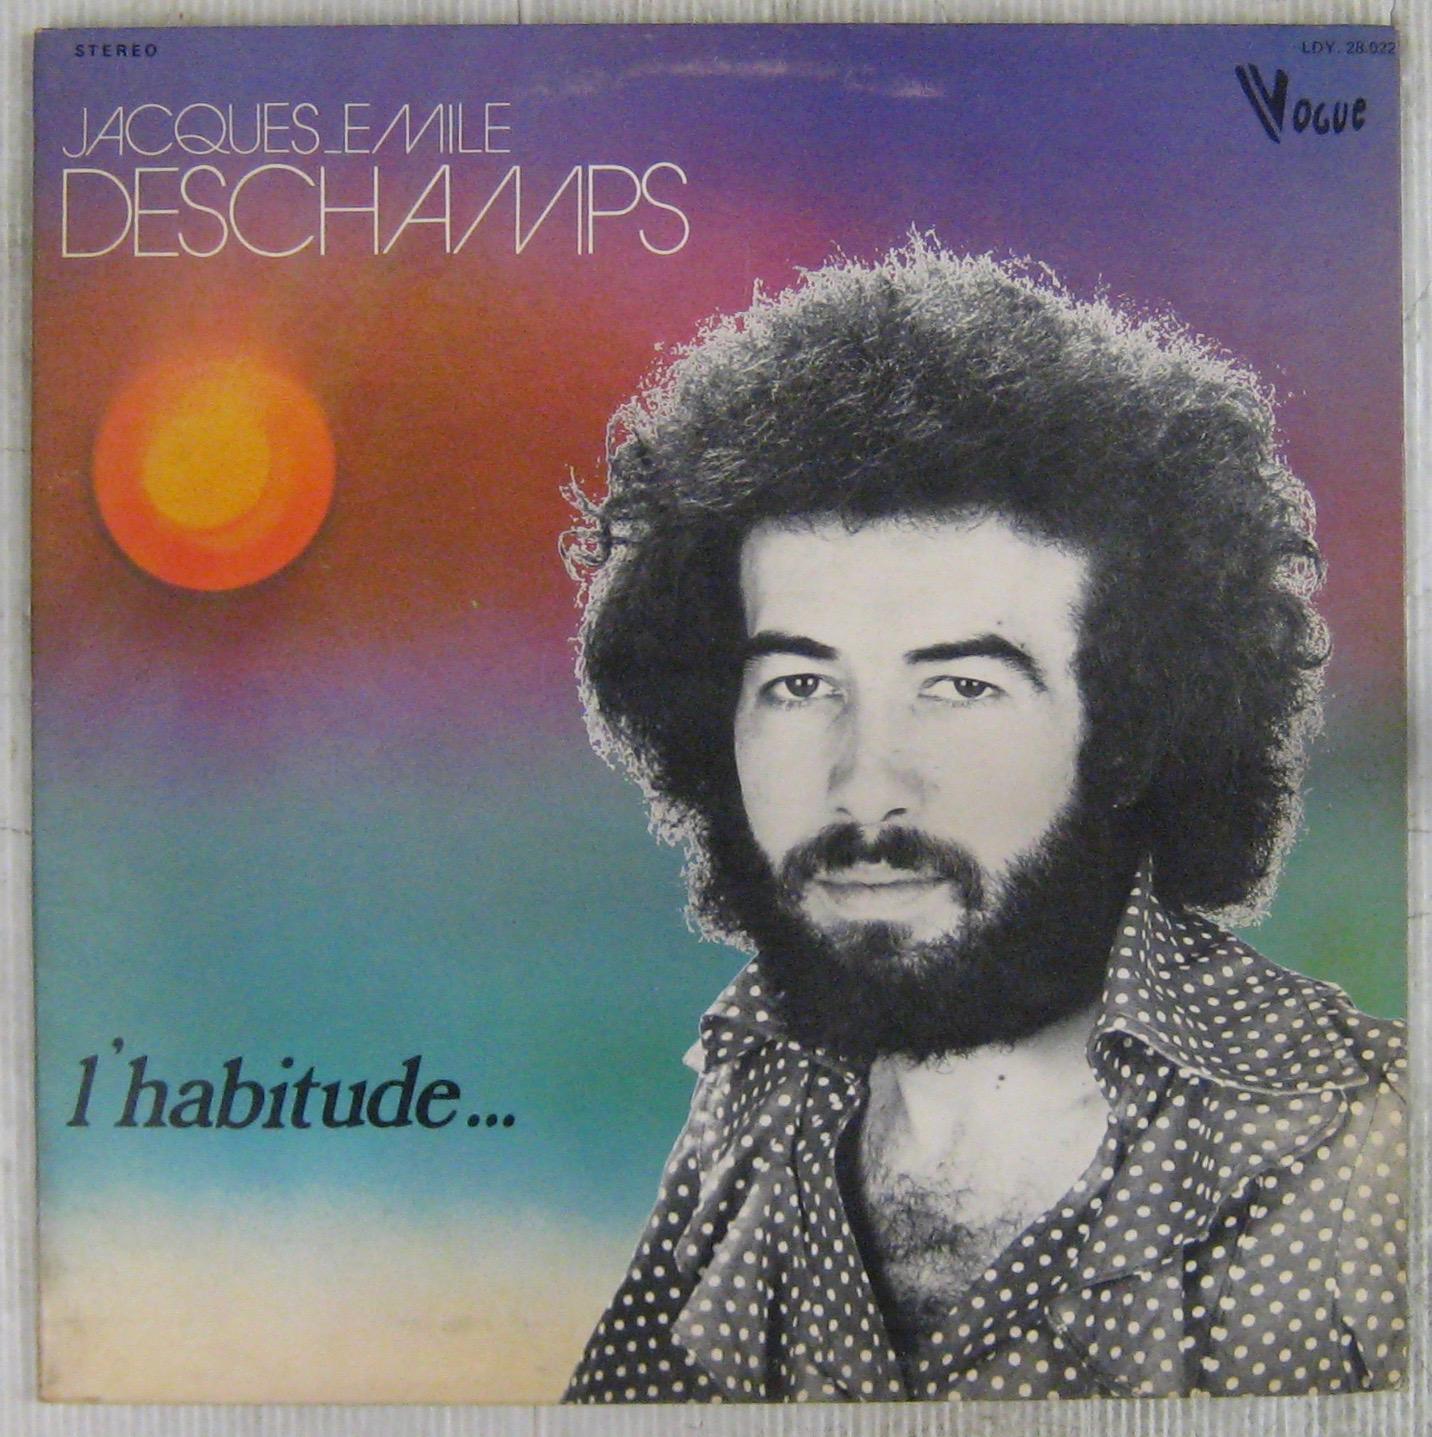 Deschamps Jacques-Emile L'habitude...